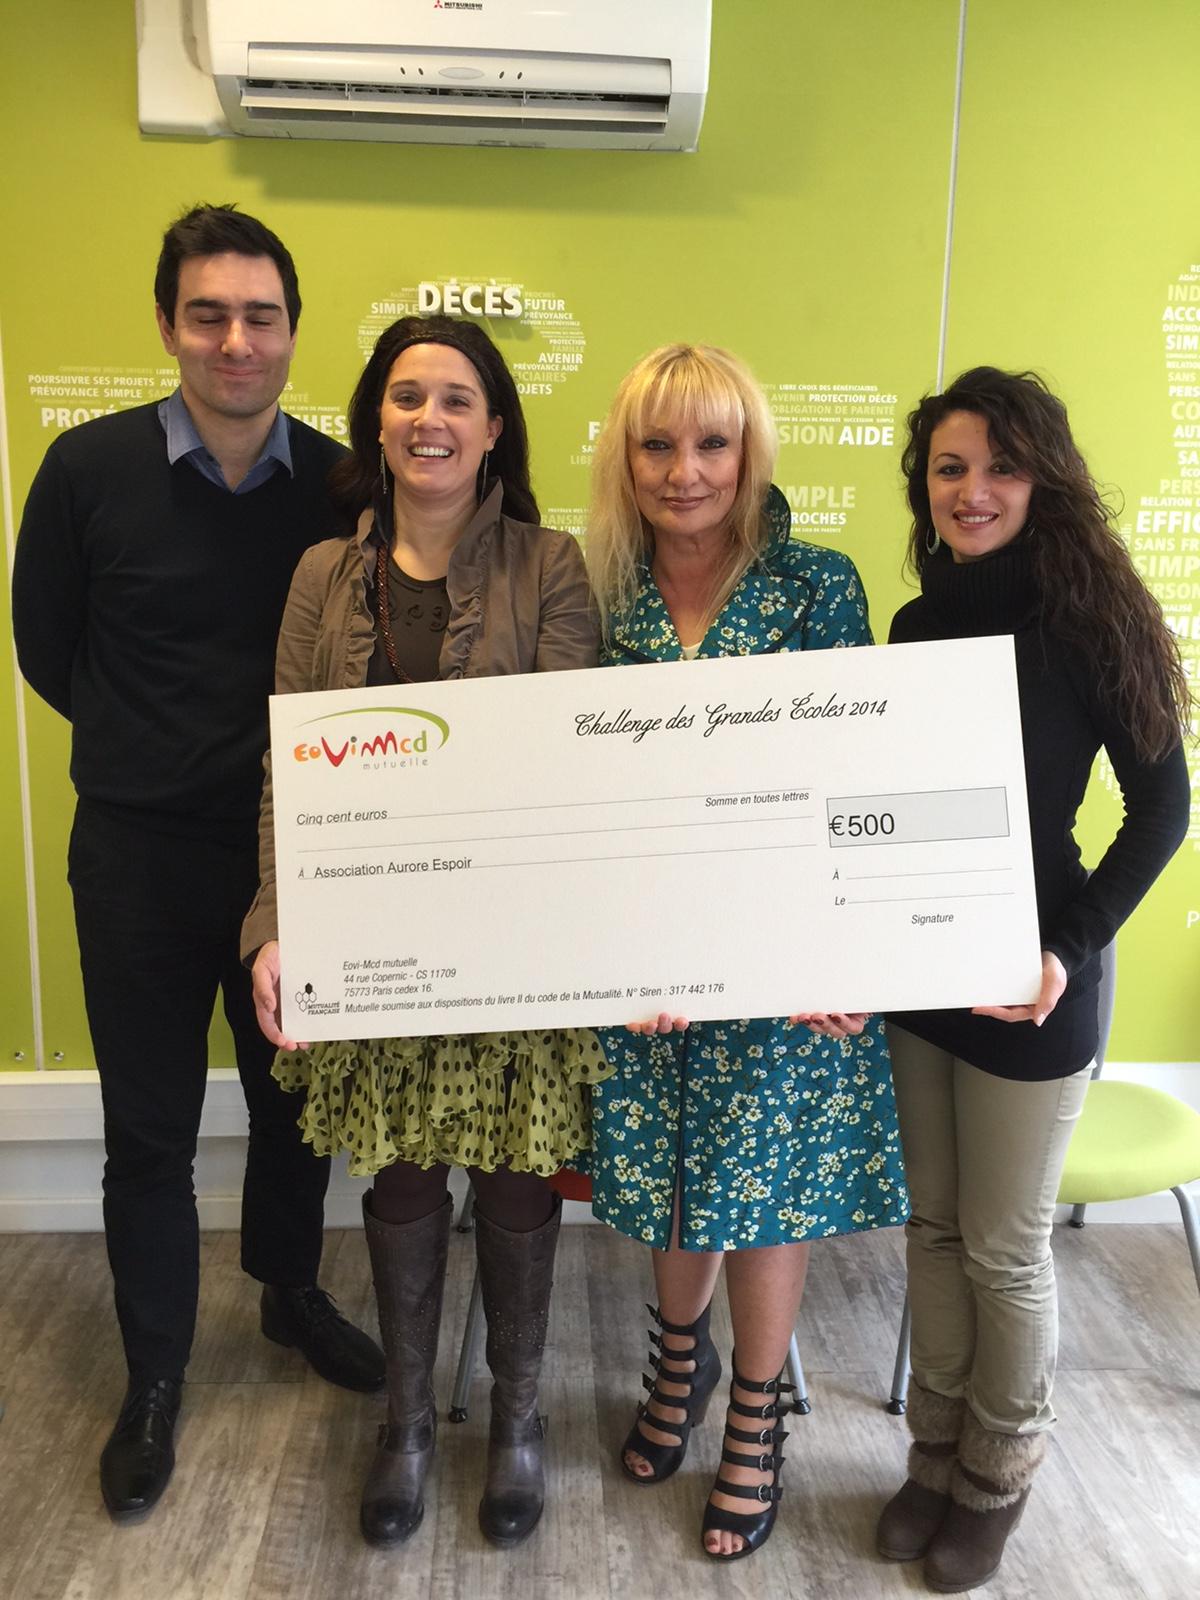 Remise de don au bénéfice de l'association Aurore-Espoir